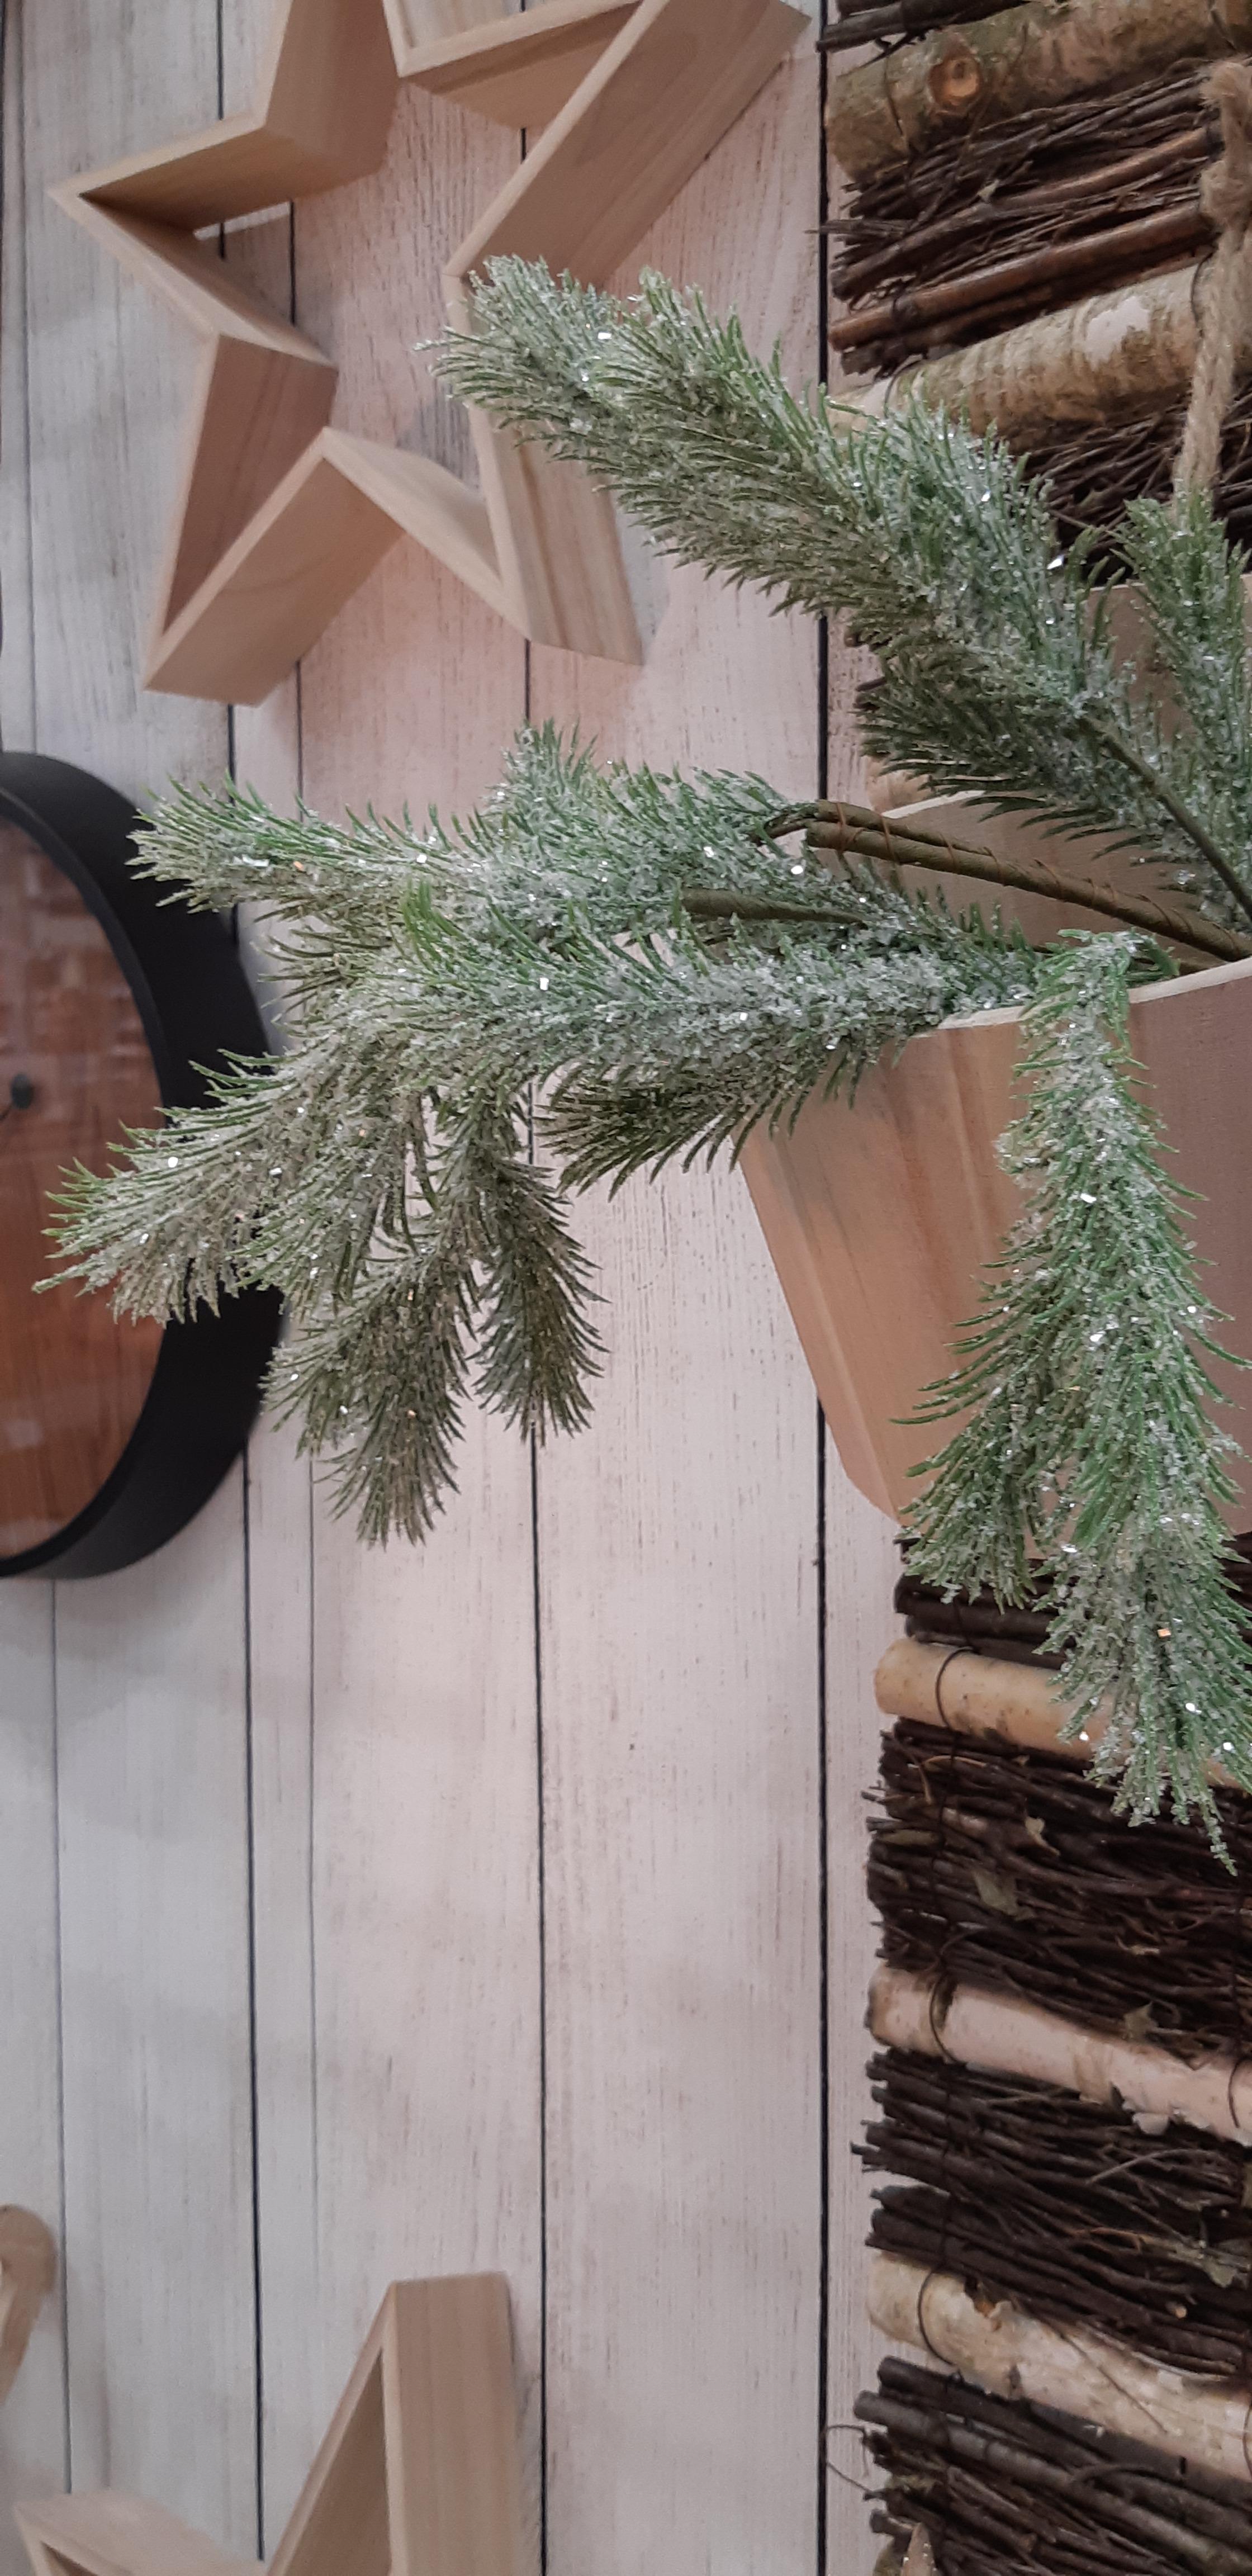 Une déco de Noël qui ne perd pas ses épines !